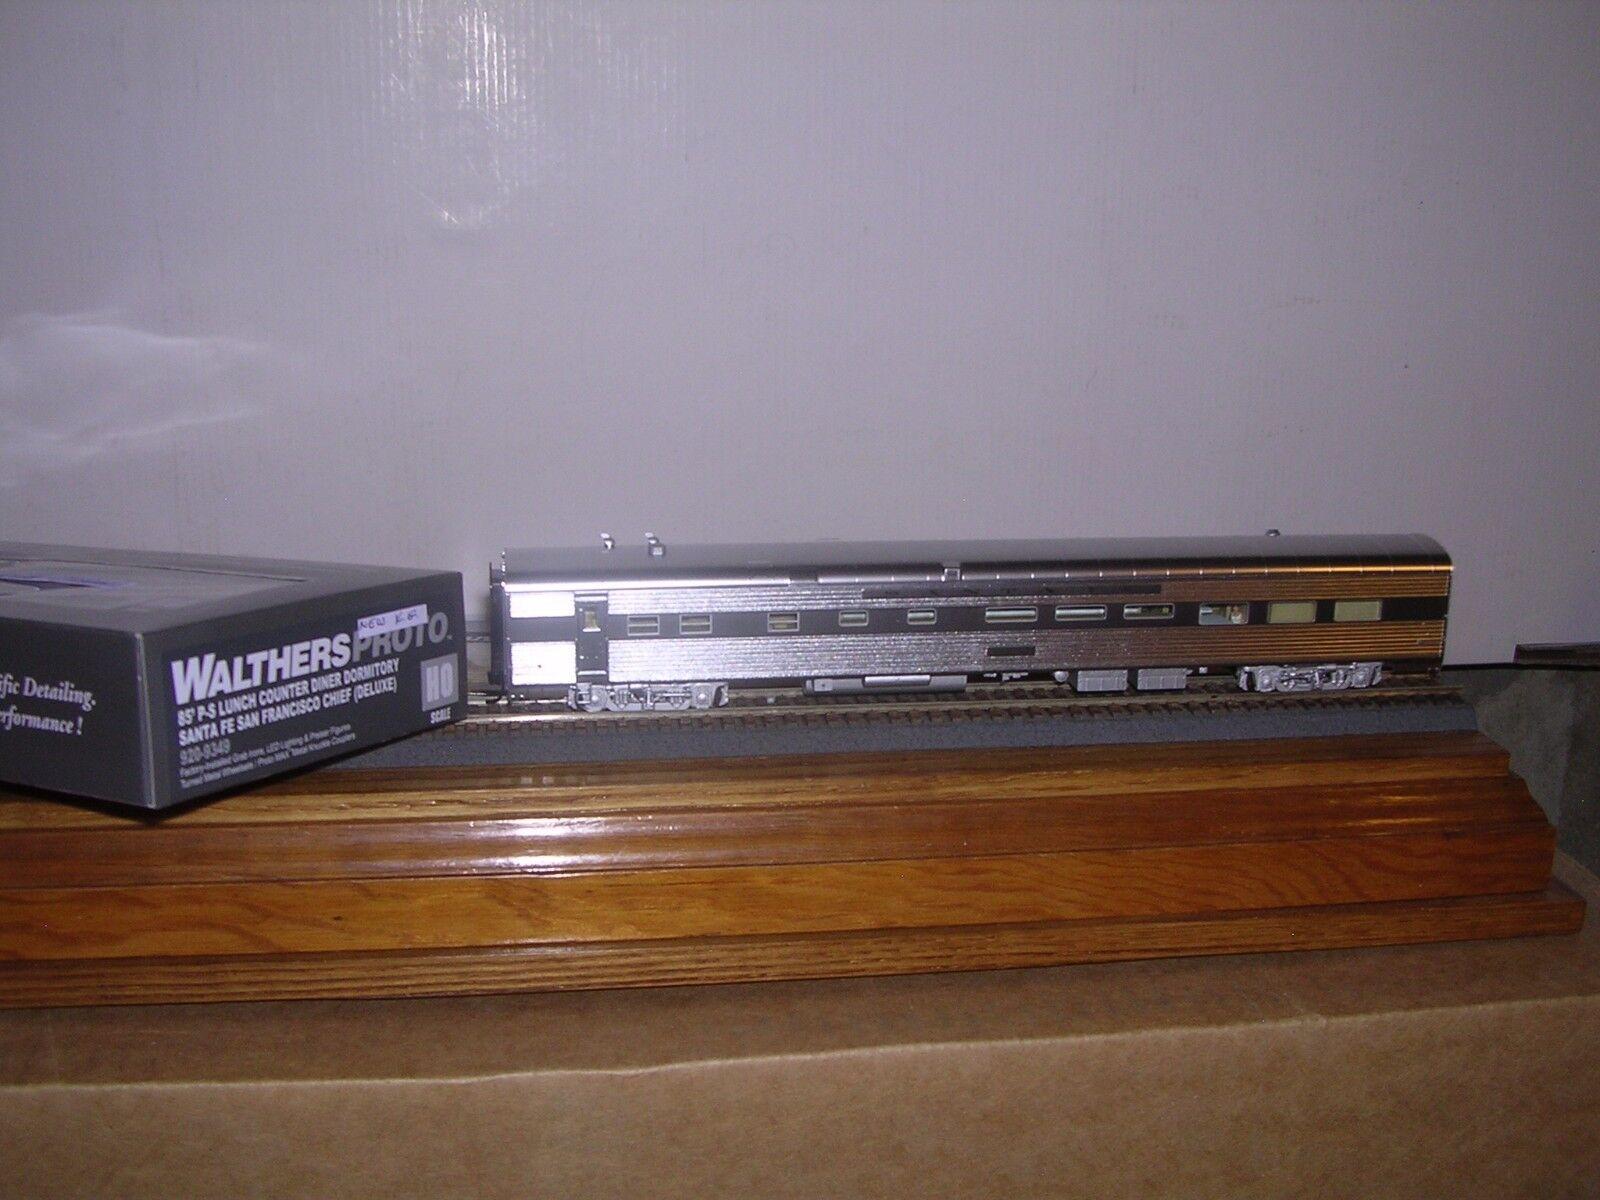 diseño único Walthers/Proto 920-9351 Santa Fe Fe Fe P.S. optimizada 85' 4-4-2 durmiente del 1/87  con 60% de descuento